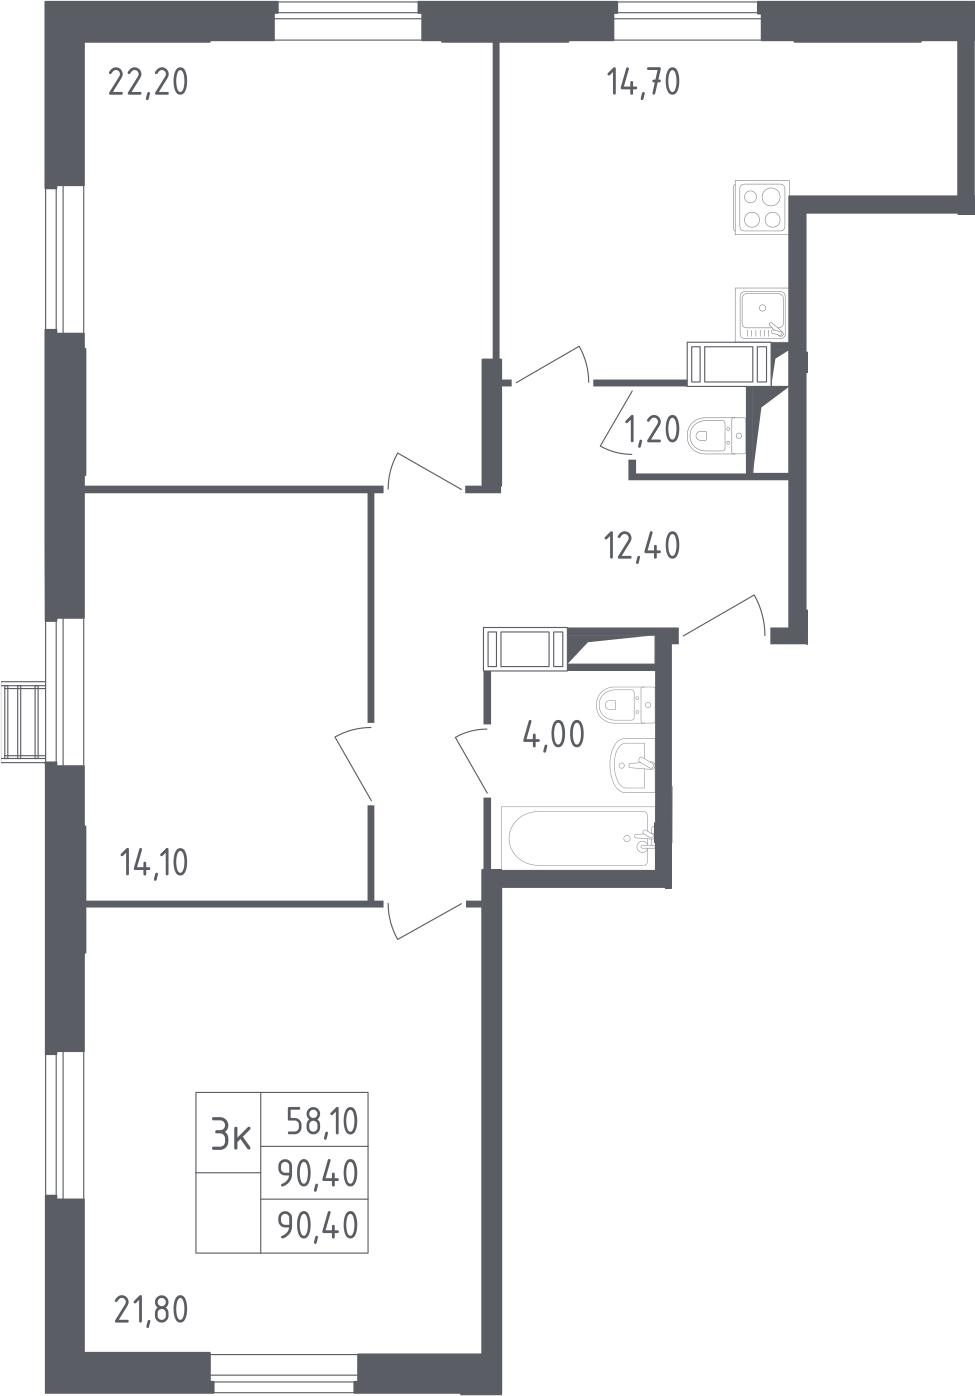 3-комнатная, 90.4 м²– 2